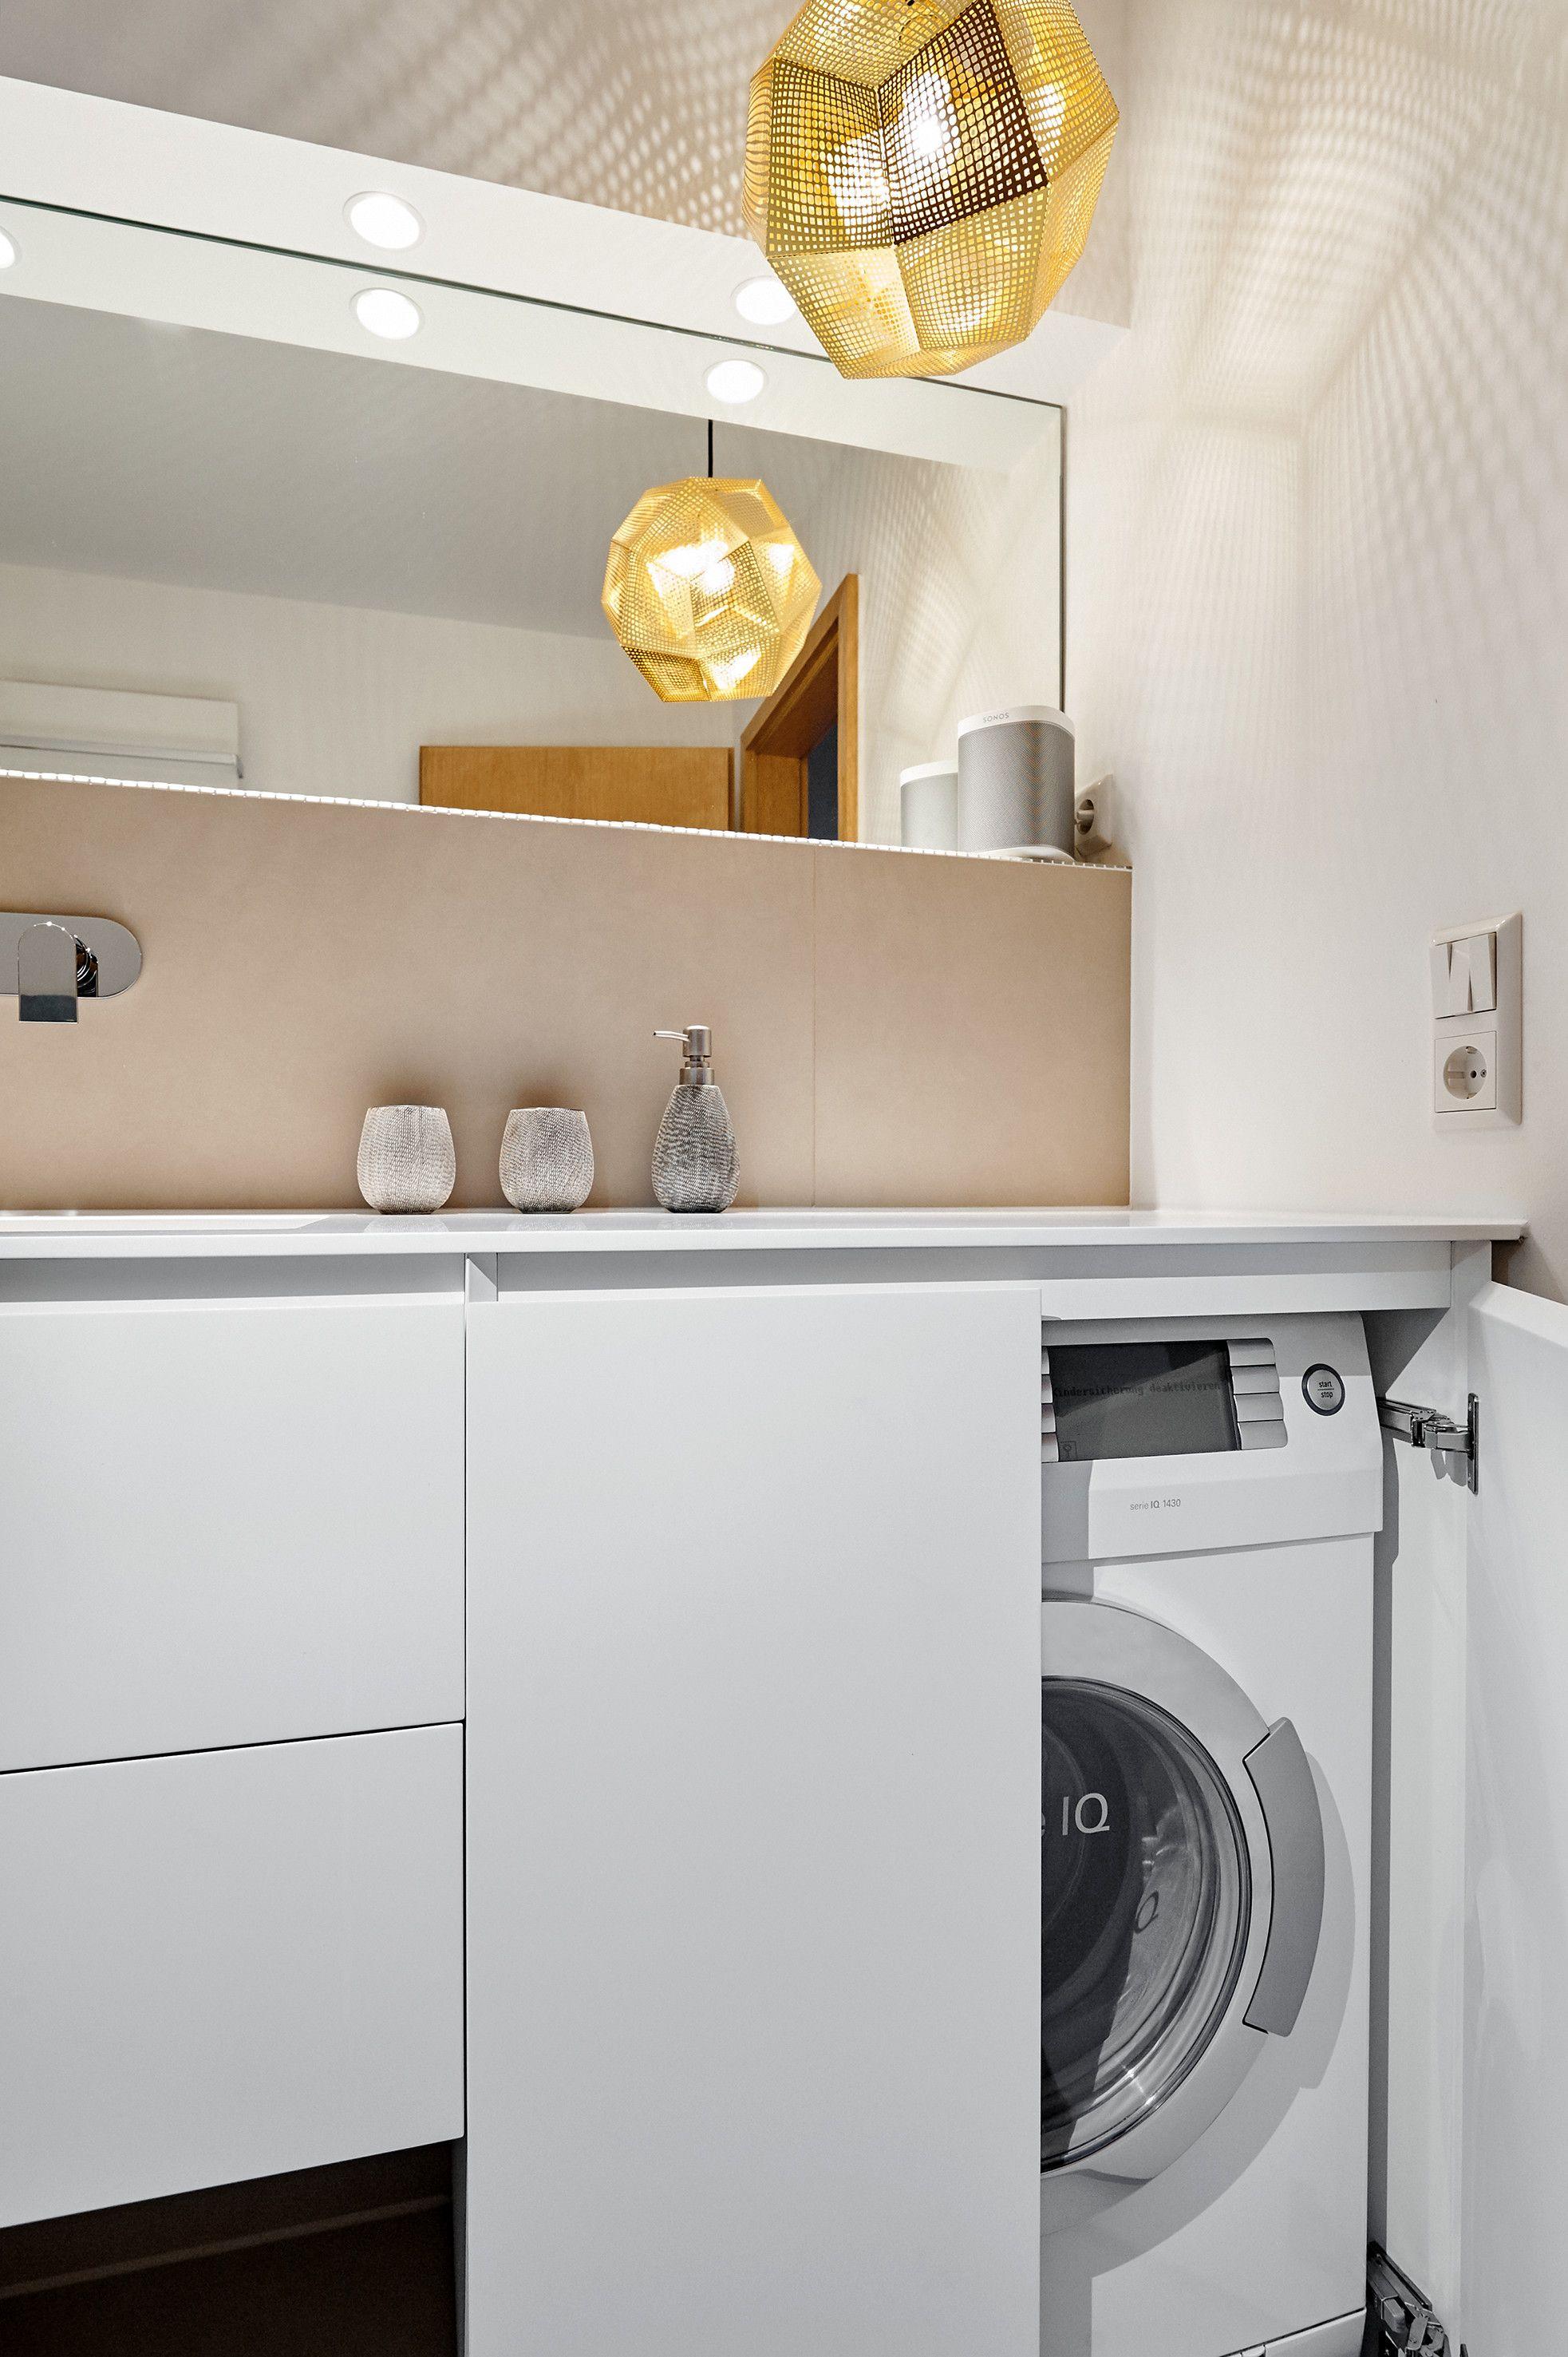 Dusche Mit Sitzbank In Geradlinigem Stil Xxl Fliesen Badezimmer Badezimmer Design Badezimmer Im Erdgeschoss